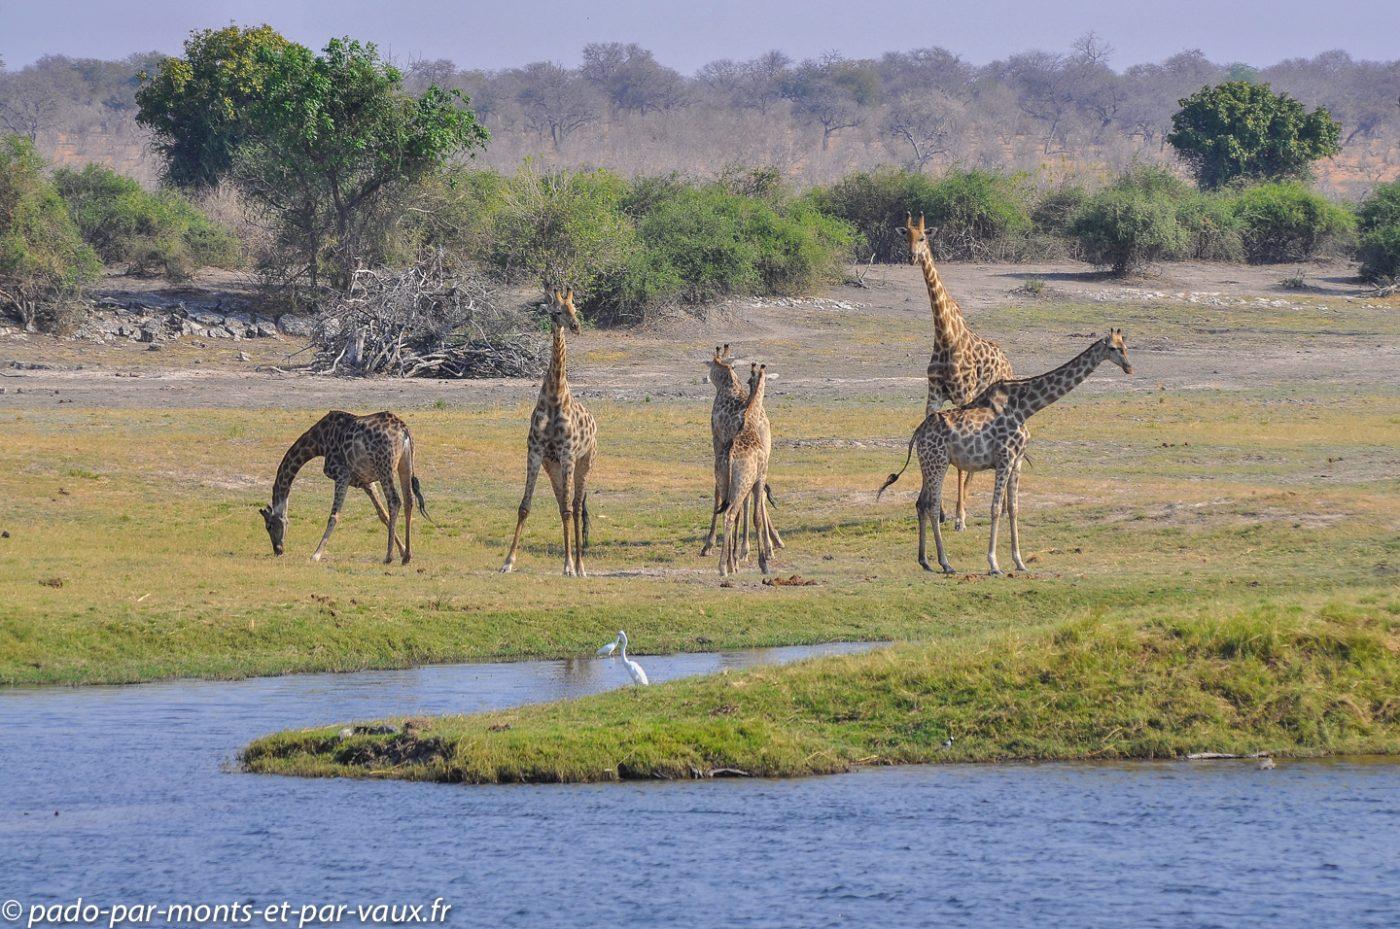 Rivière Chobe - Girafes